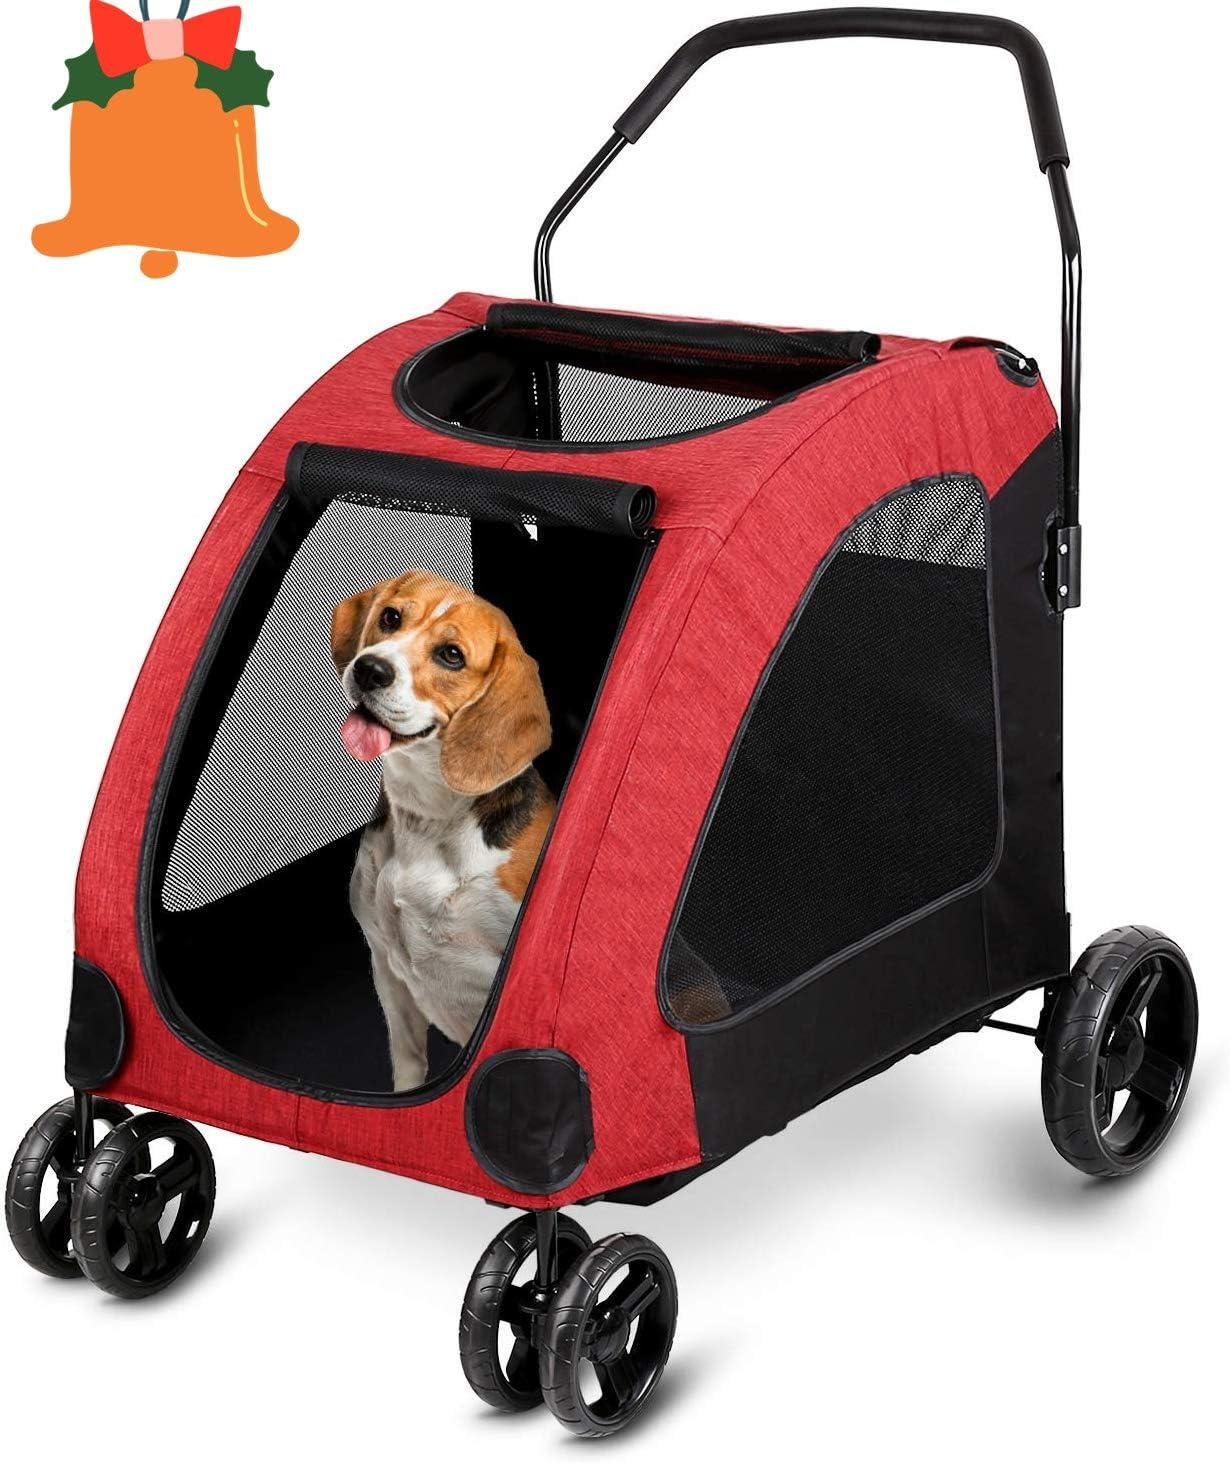 amzdeal Cochecito de bebé de Perro Rojo con 4 Ruedas de EVA, Firme y Transpirable Carro de Transporte a 60 kg para Perros, Gatos y Mascotas de Campania